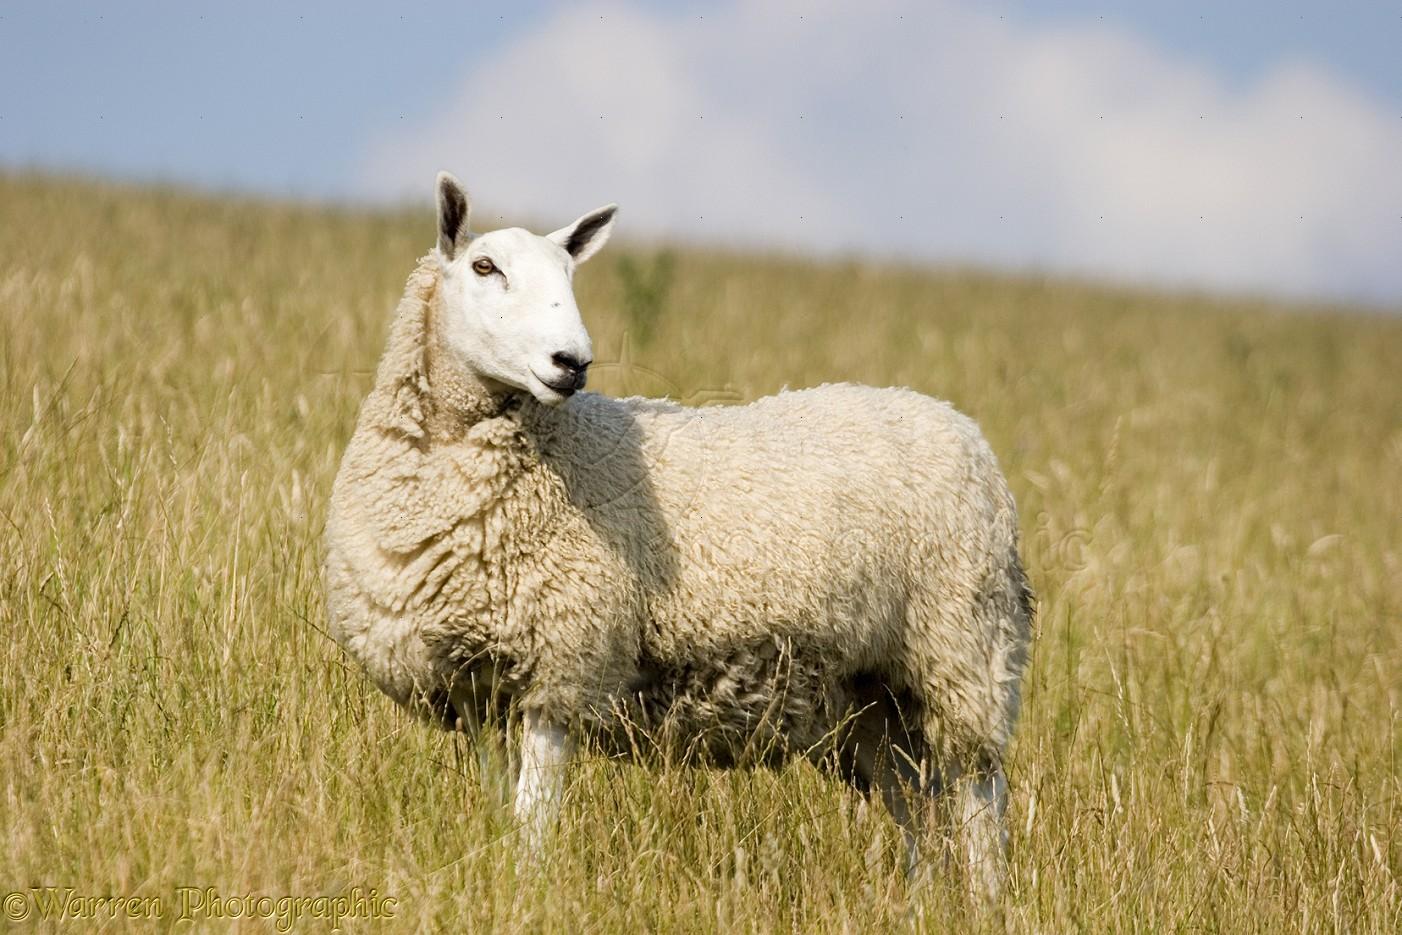 Sheep Photo Wp09909